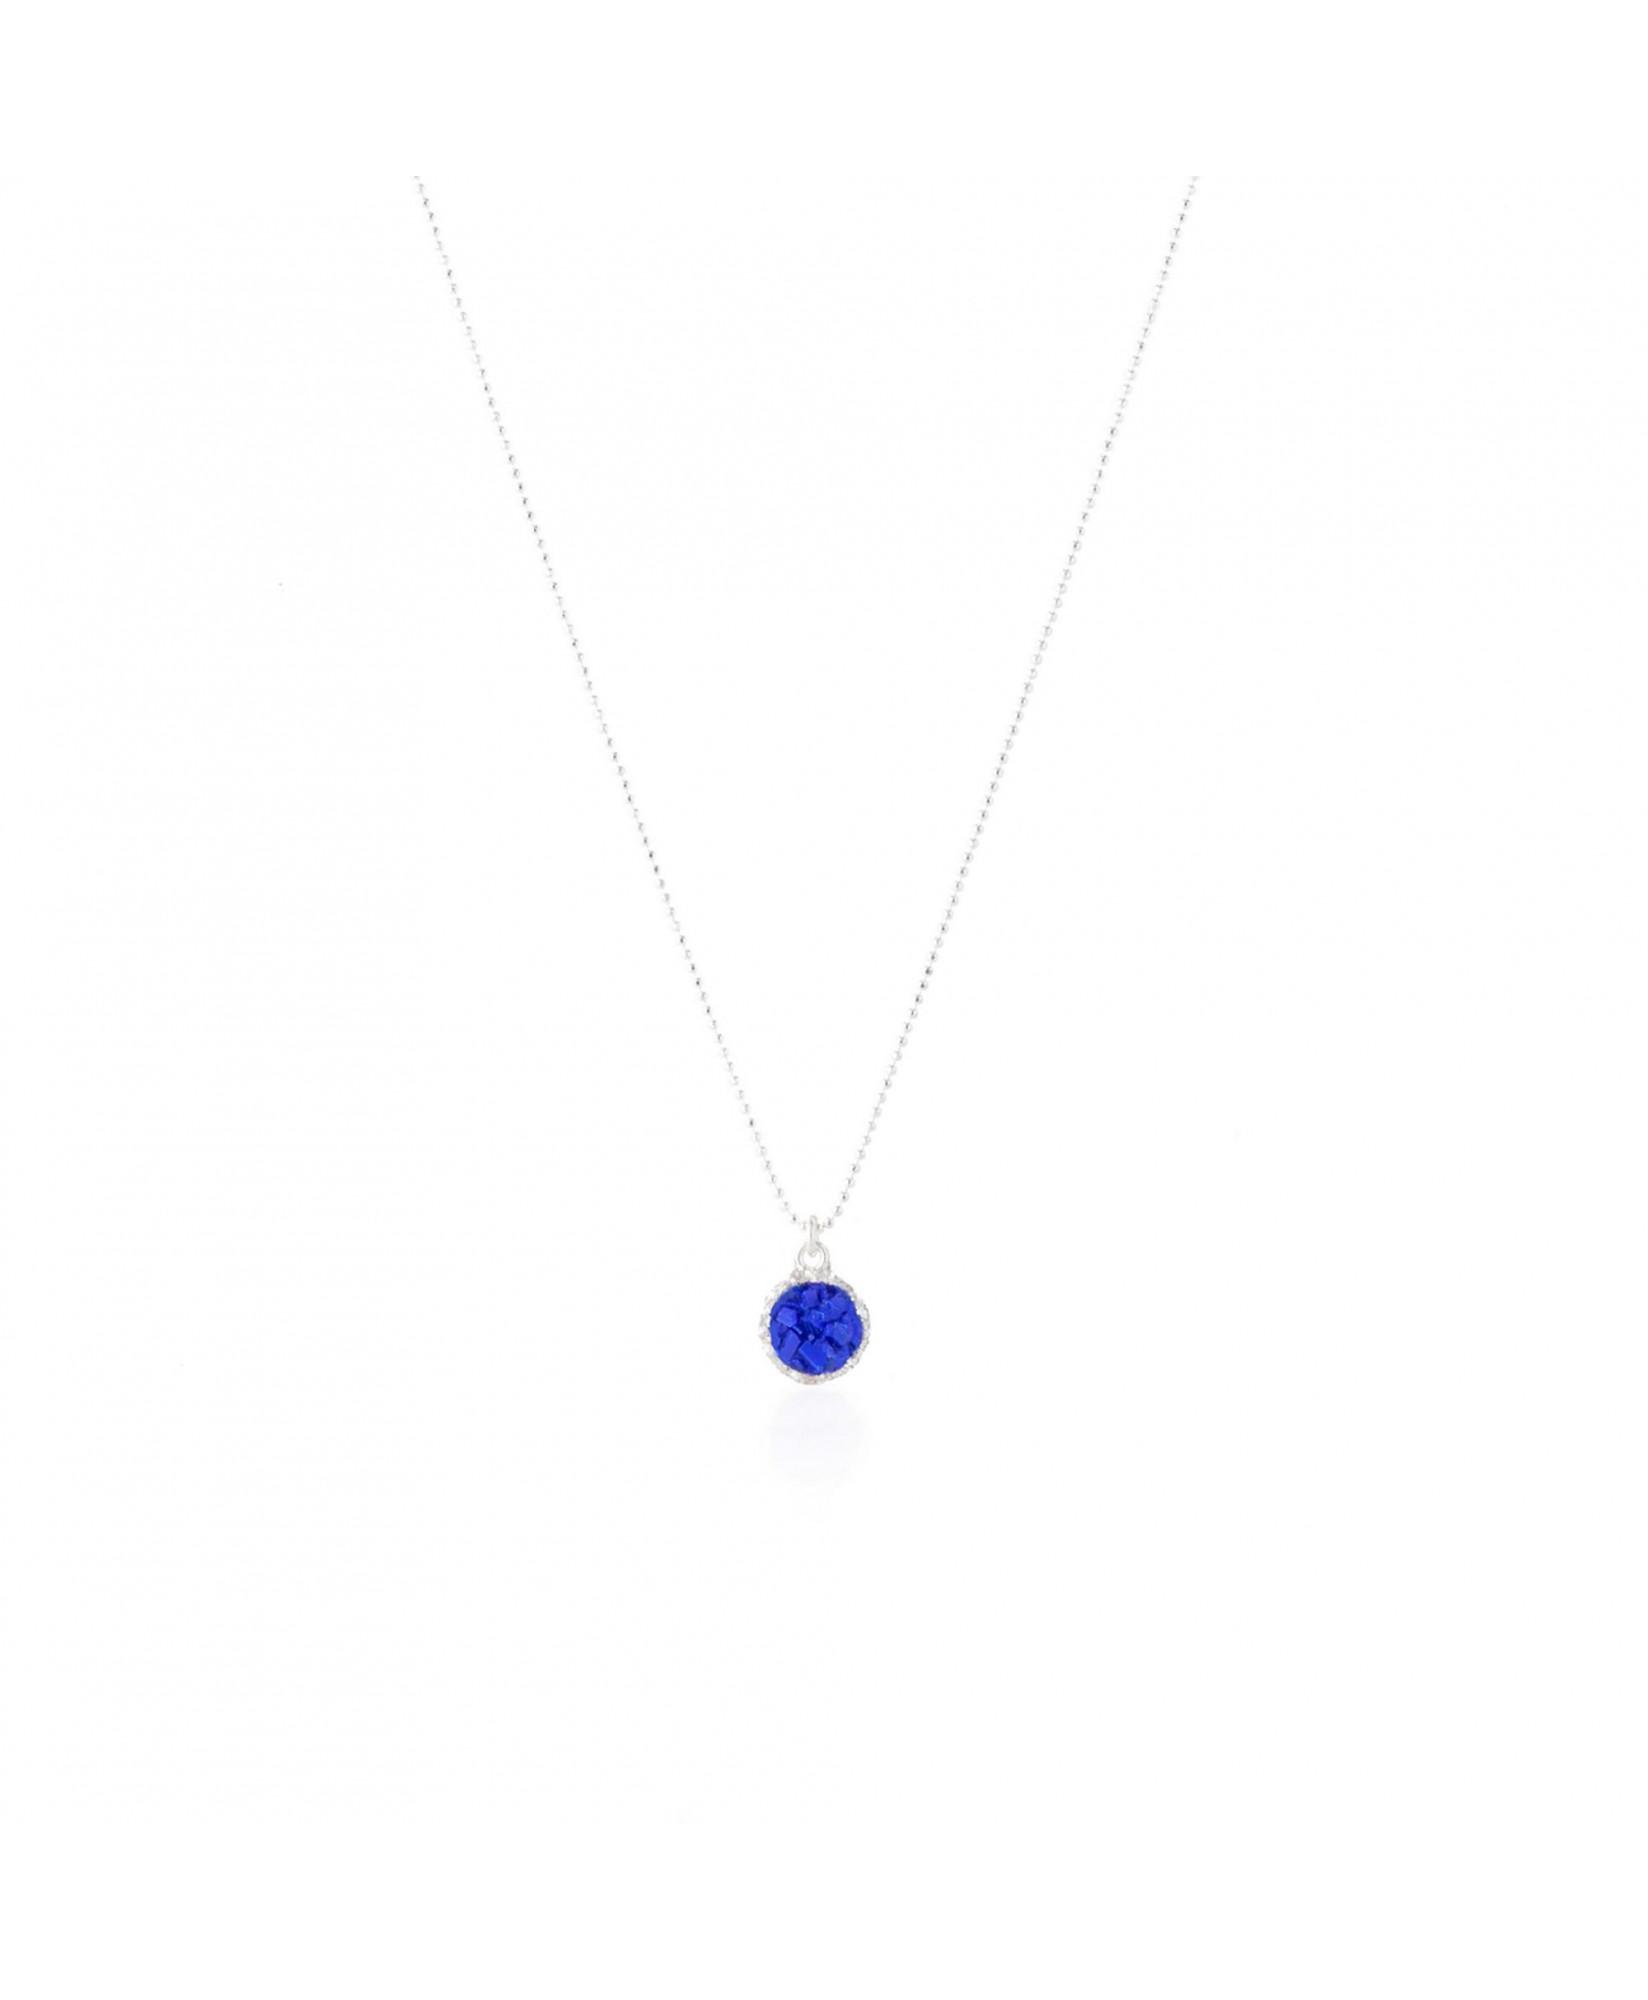 Gargantilla plata con colgante redondo Klein con nácar azul Gargantilla plata con colgante redondo Klein con nácar azul